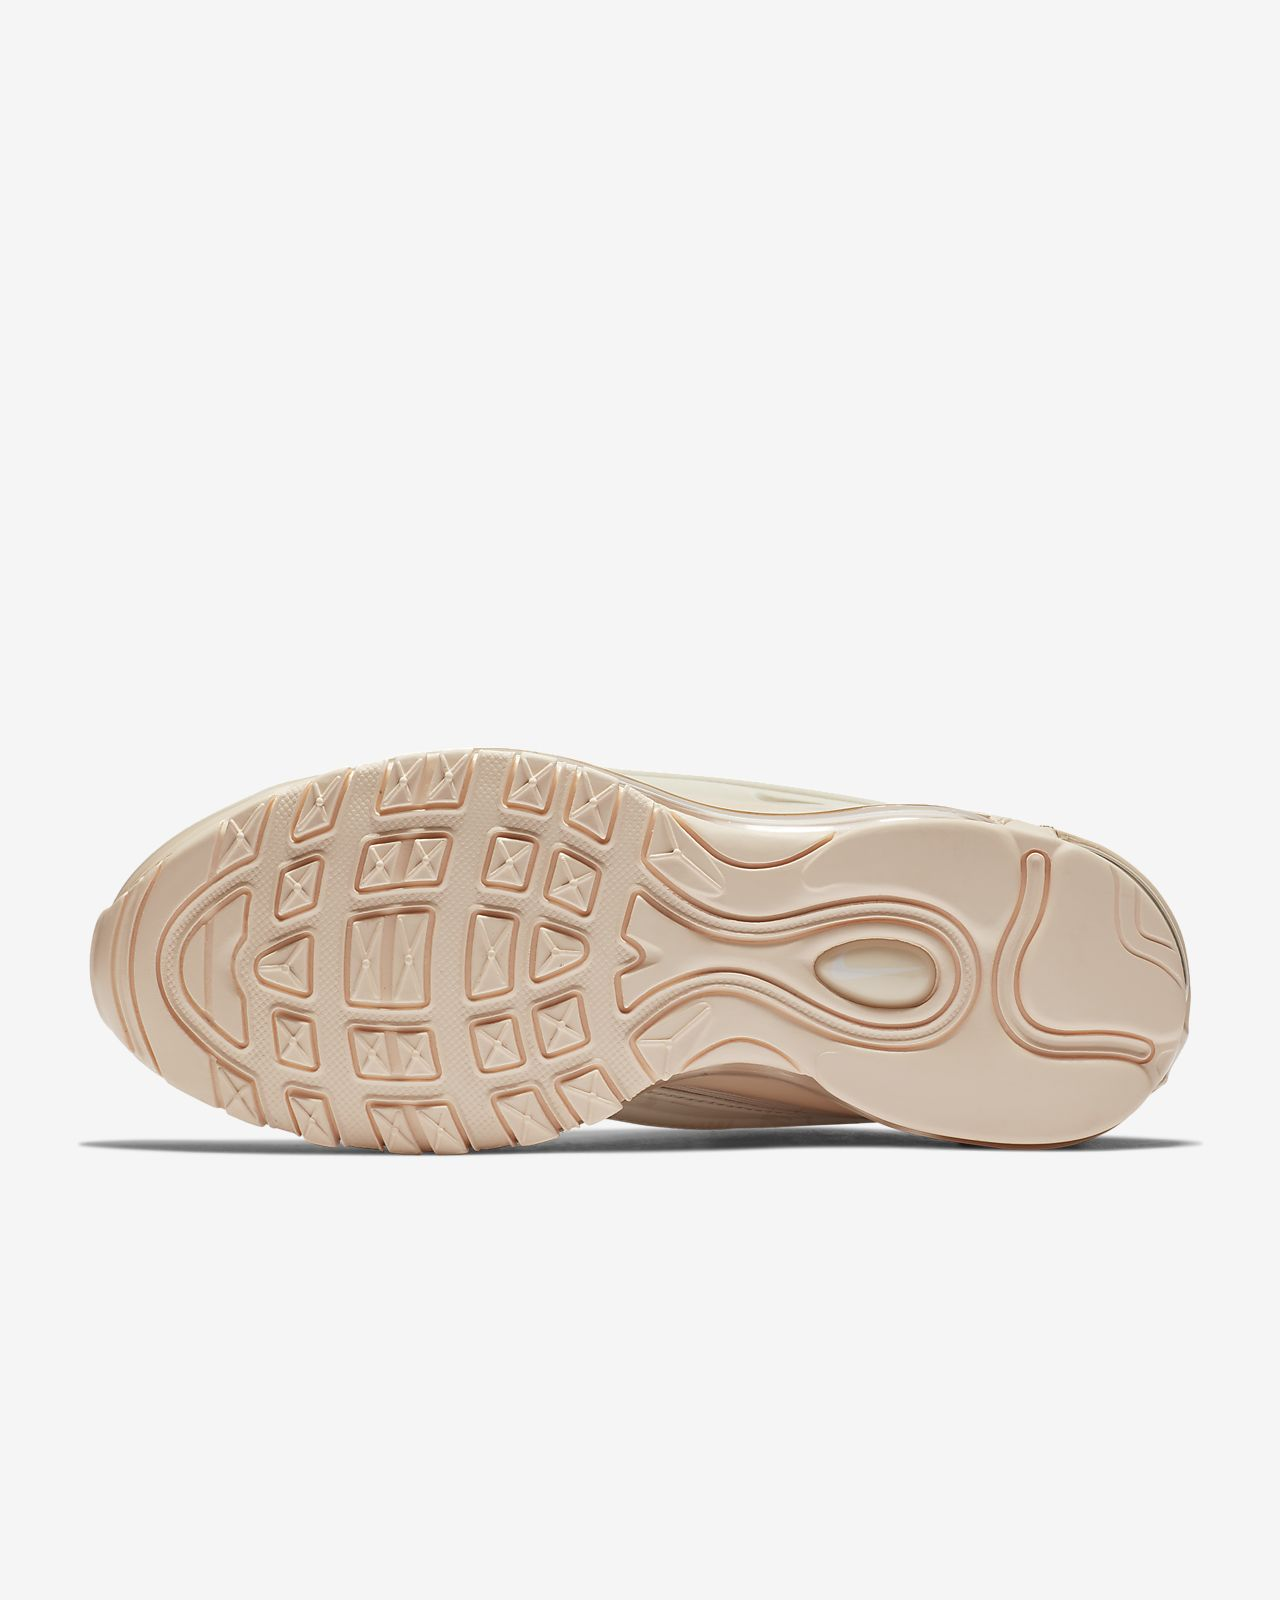 45d87677c76c Nike Air Max Deluxe SE Women s Shoe. Nike.com LU